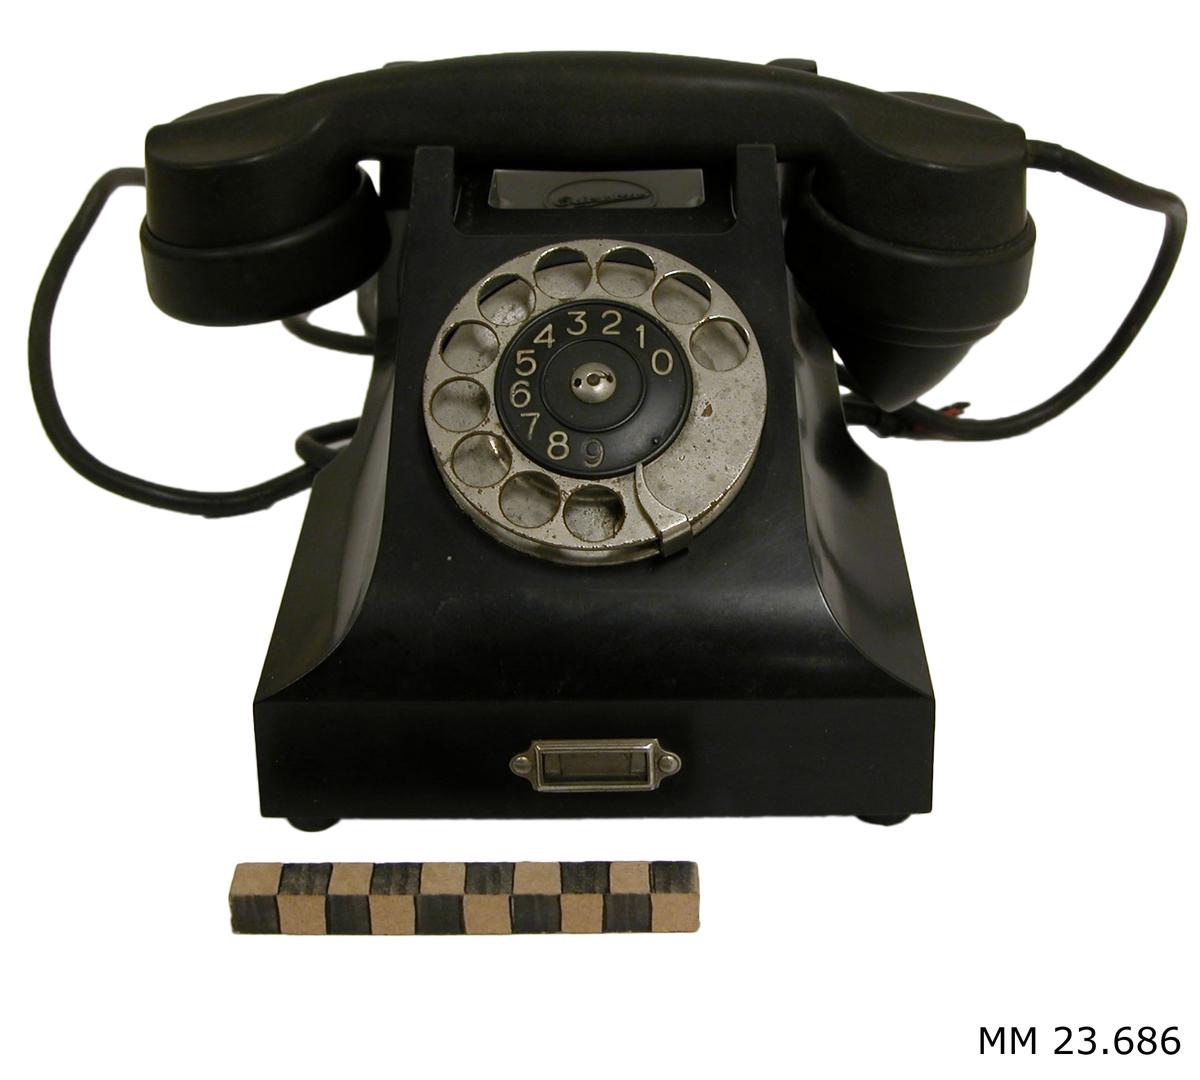 Telefon av svart bakelit försedd med sladdar av gummi. Telefonklykorna är av metall. Fingerskiva av metall, försedd med numreringarna 0-9 i vitt på svart plastskiva. Under luren finns L M Ericssons logotype. Sladd mellan lur och telefonapparat av svart gummi. Sladd mellan telefonapparat och vägg av svart gummi. Sladd till vägg saknar kontakt.